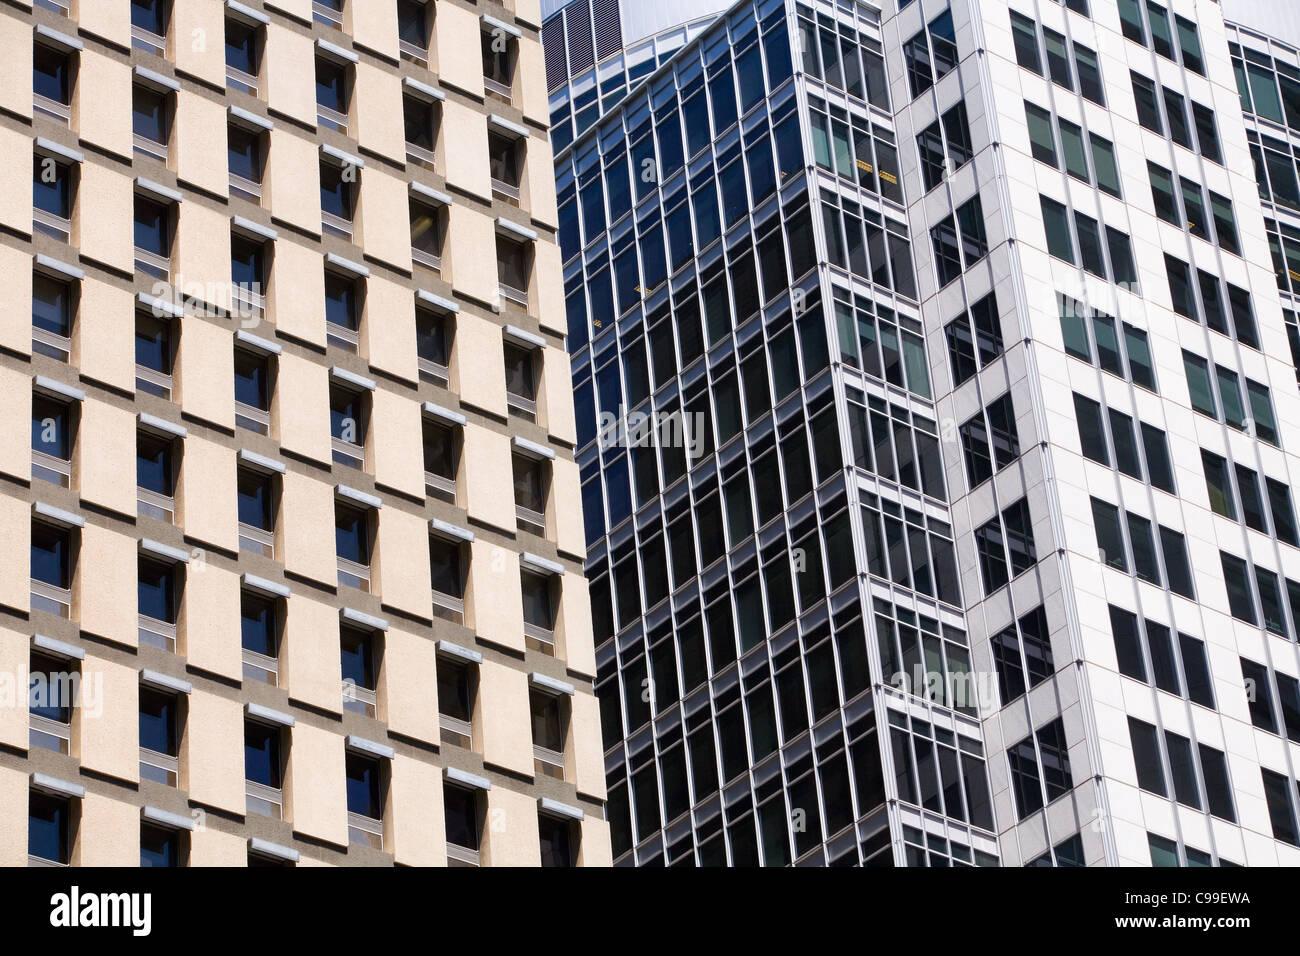 Architettura moderna di Sydney il distretto centrale degli affari. Sydney, Nuovo Galles del Sud, Australia Immagini Stock